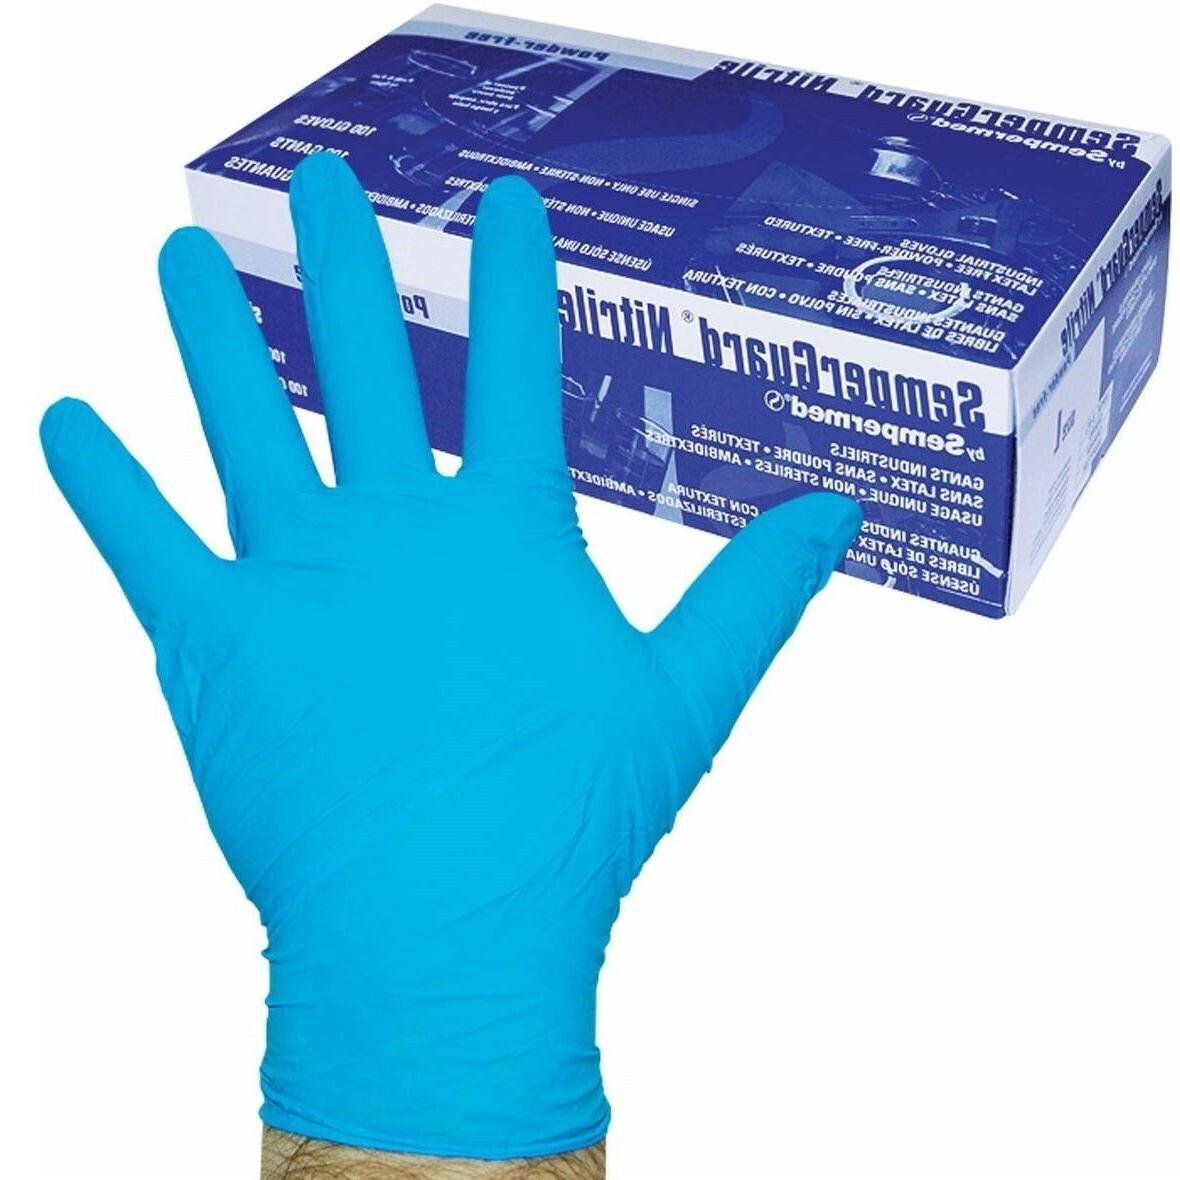 SemperGuard Blue Exam Industrial